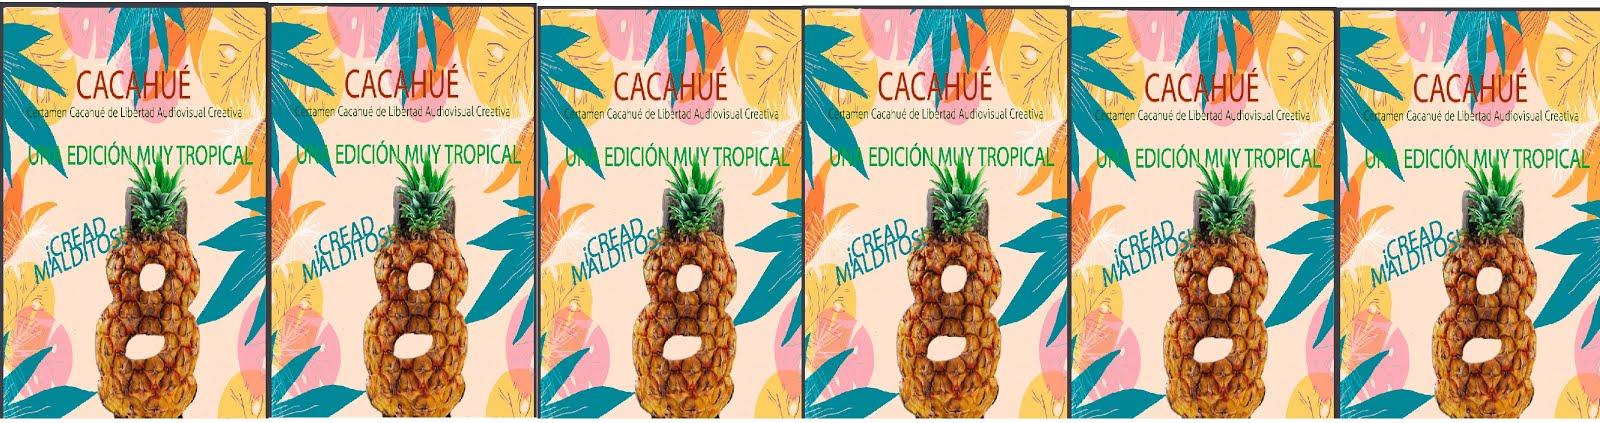 Certamen Cacahué de Libertad Audiovisual Creativa